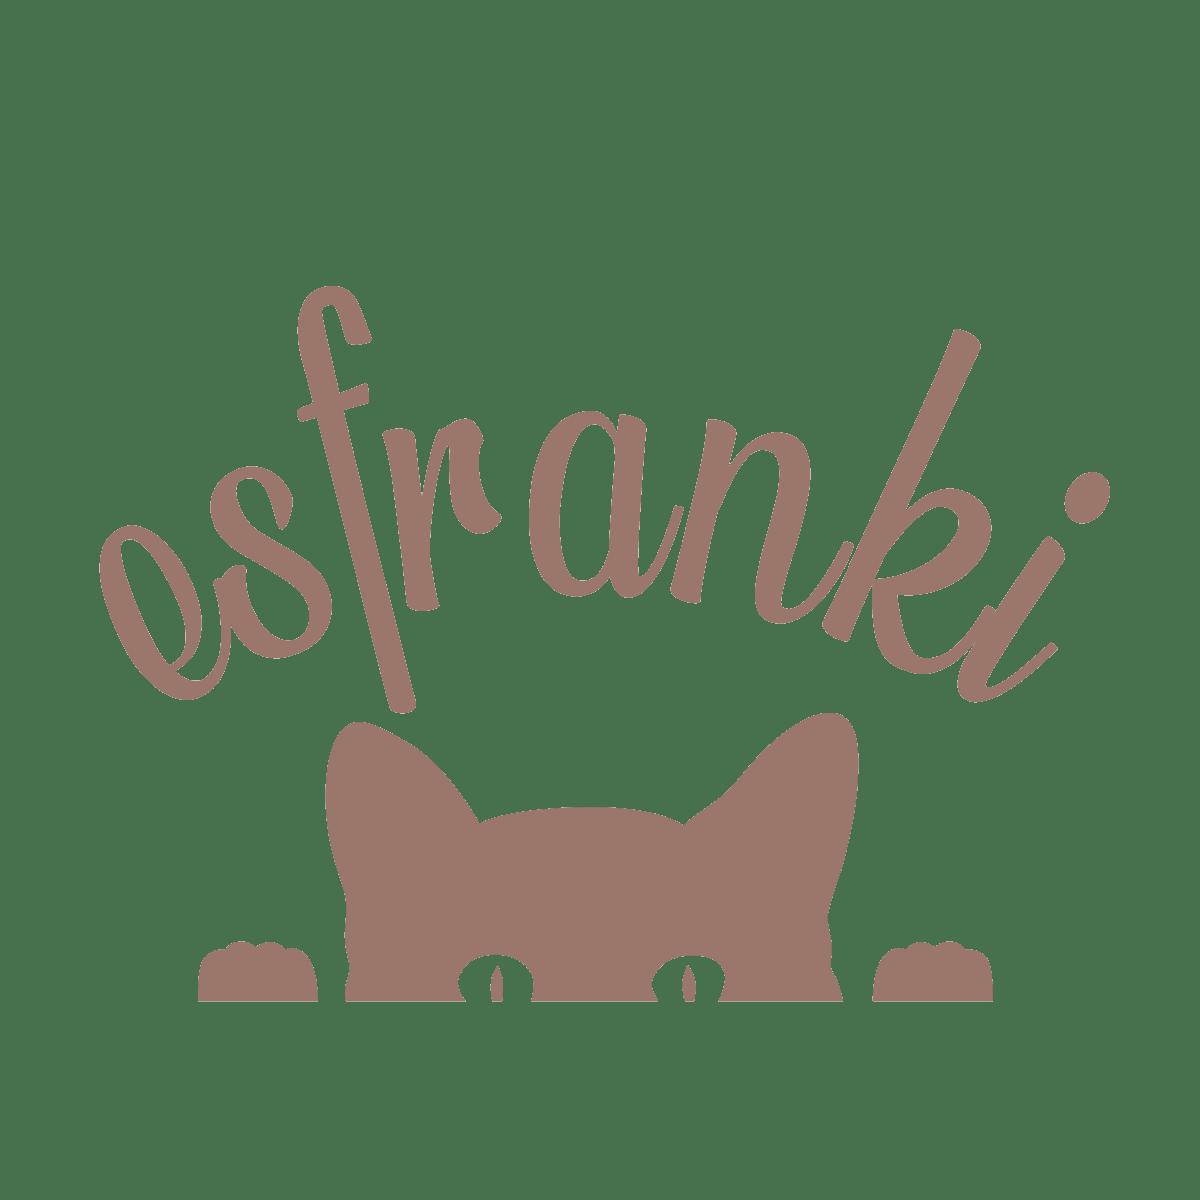 esfranki.com